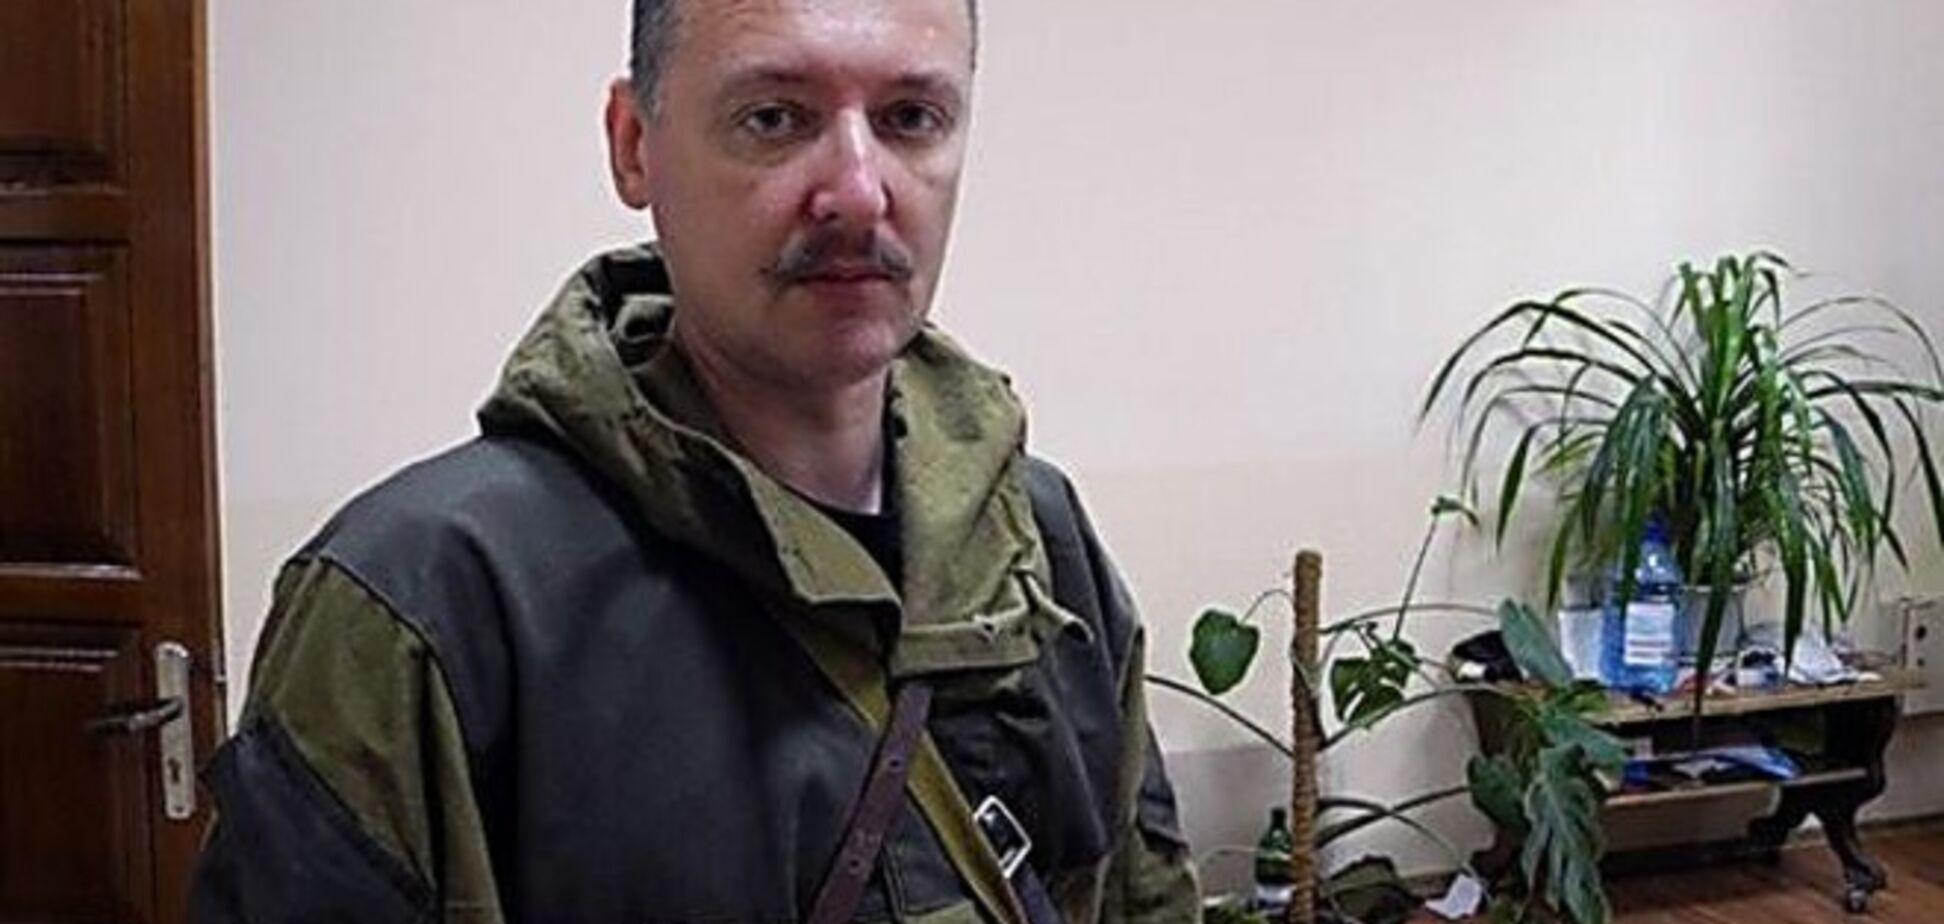 'ДНР' сообщает о своем поражении под Ямполем. Обращение террориста 'Стрелка'